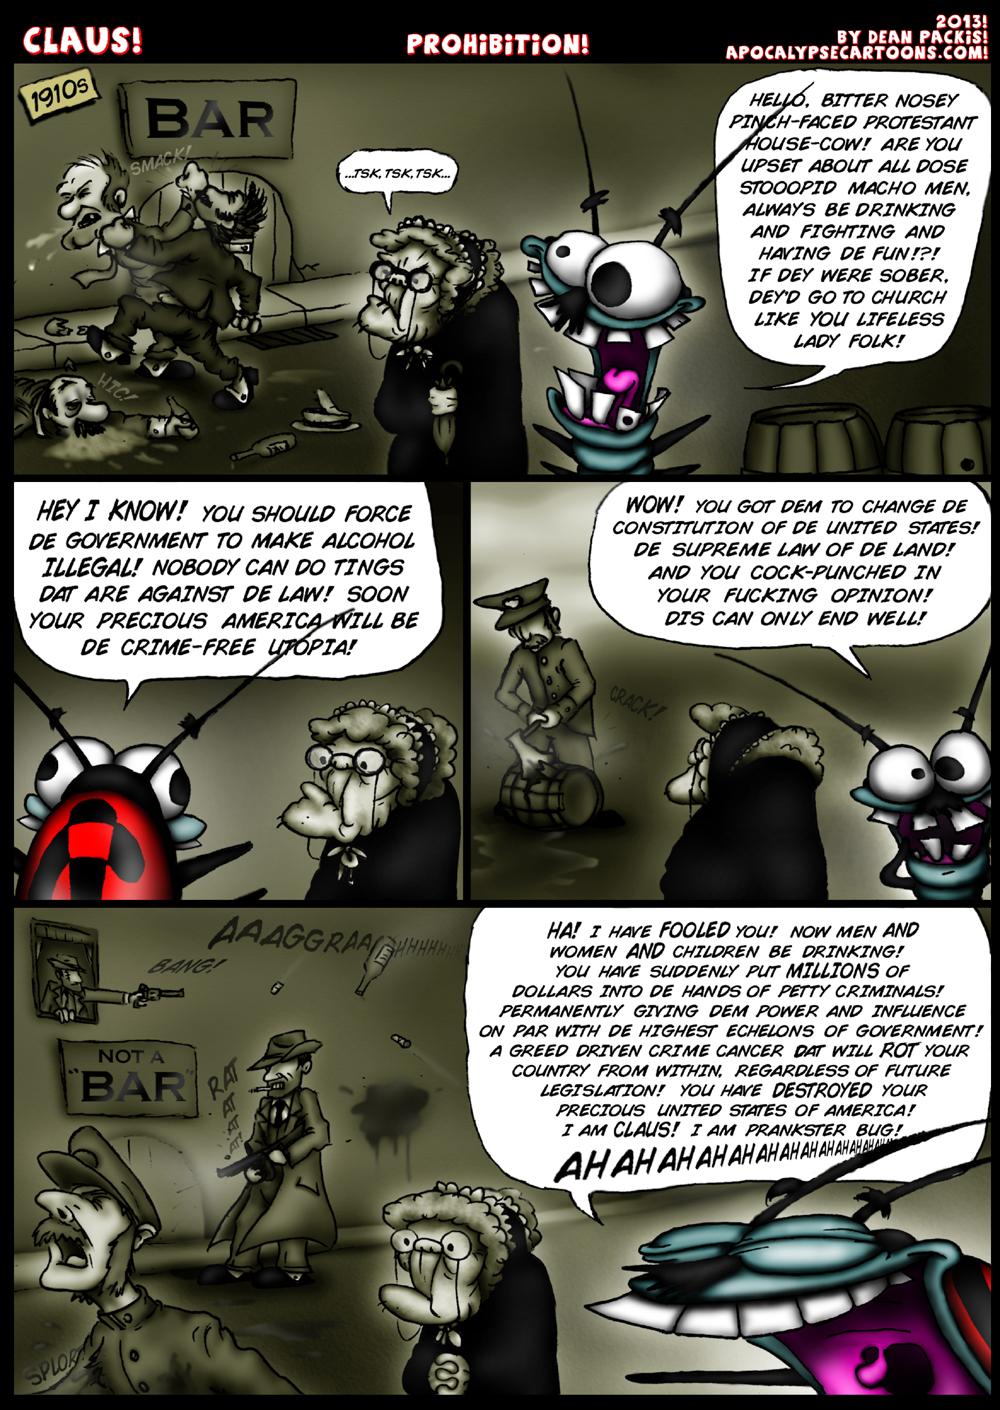 Claus comic 009